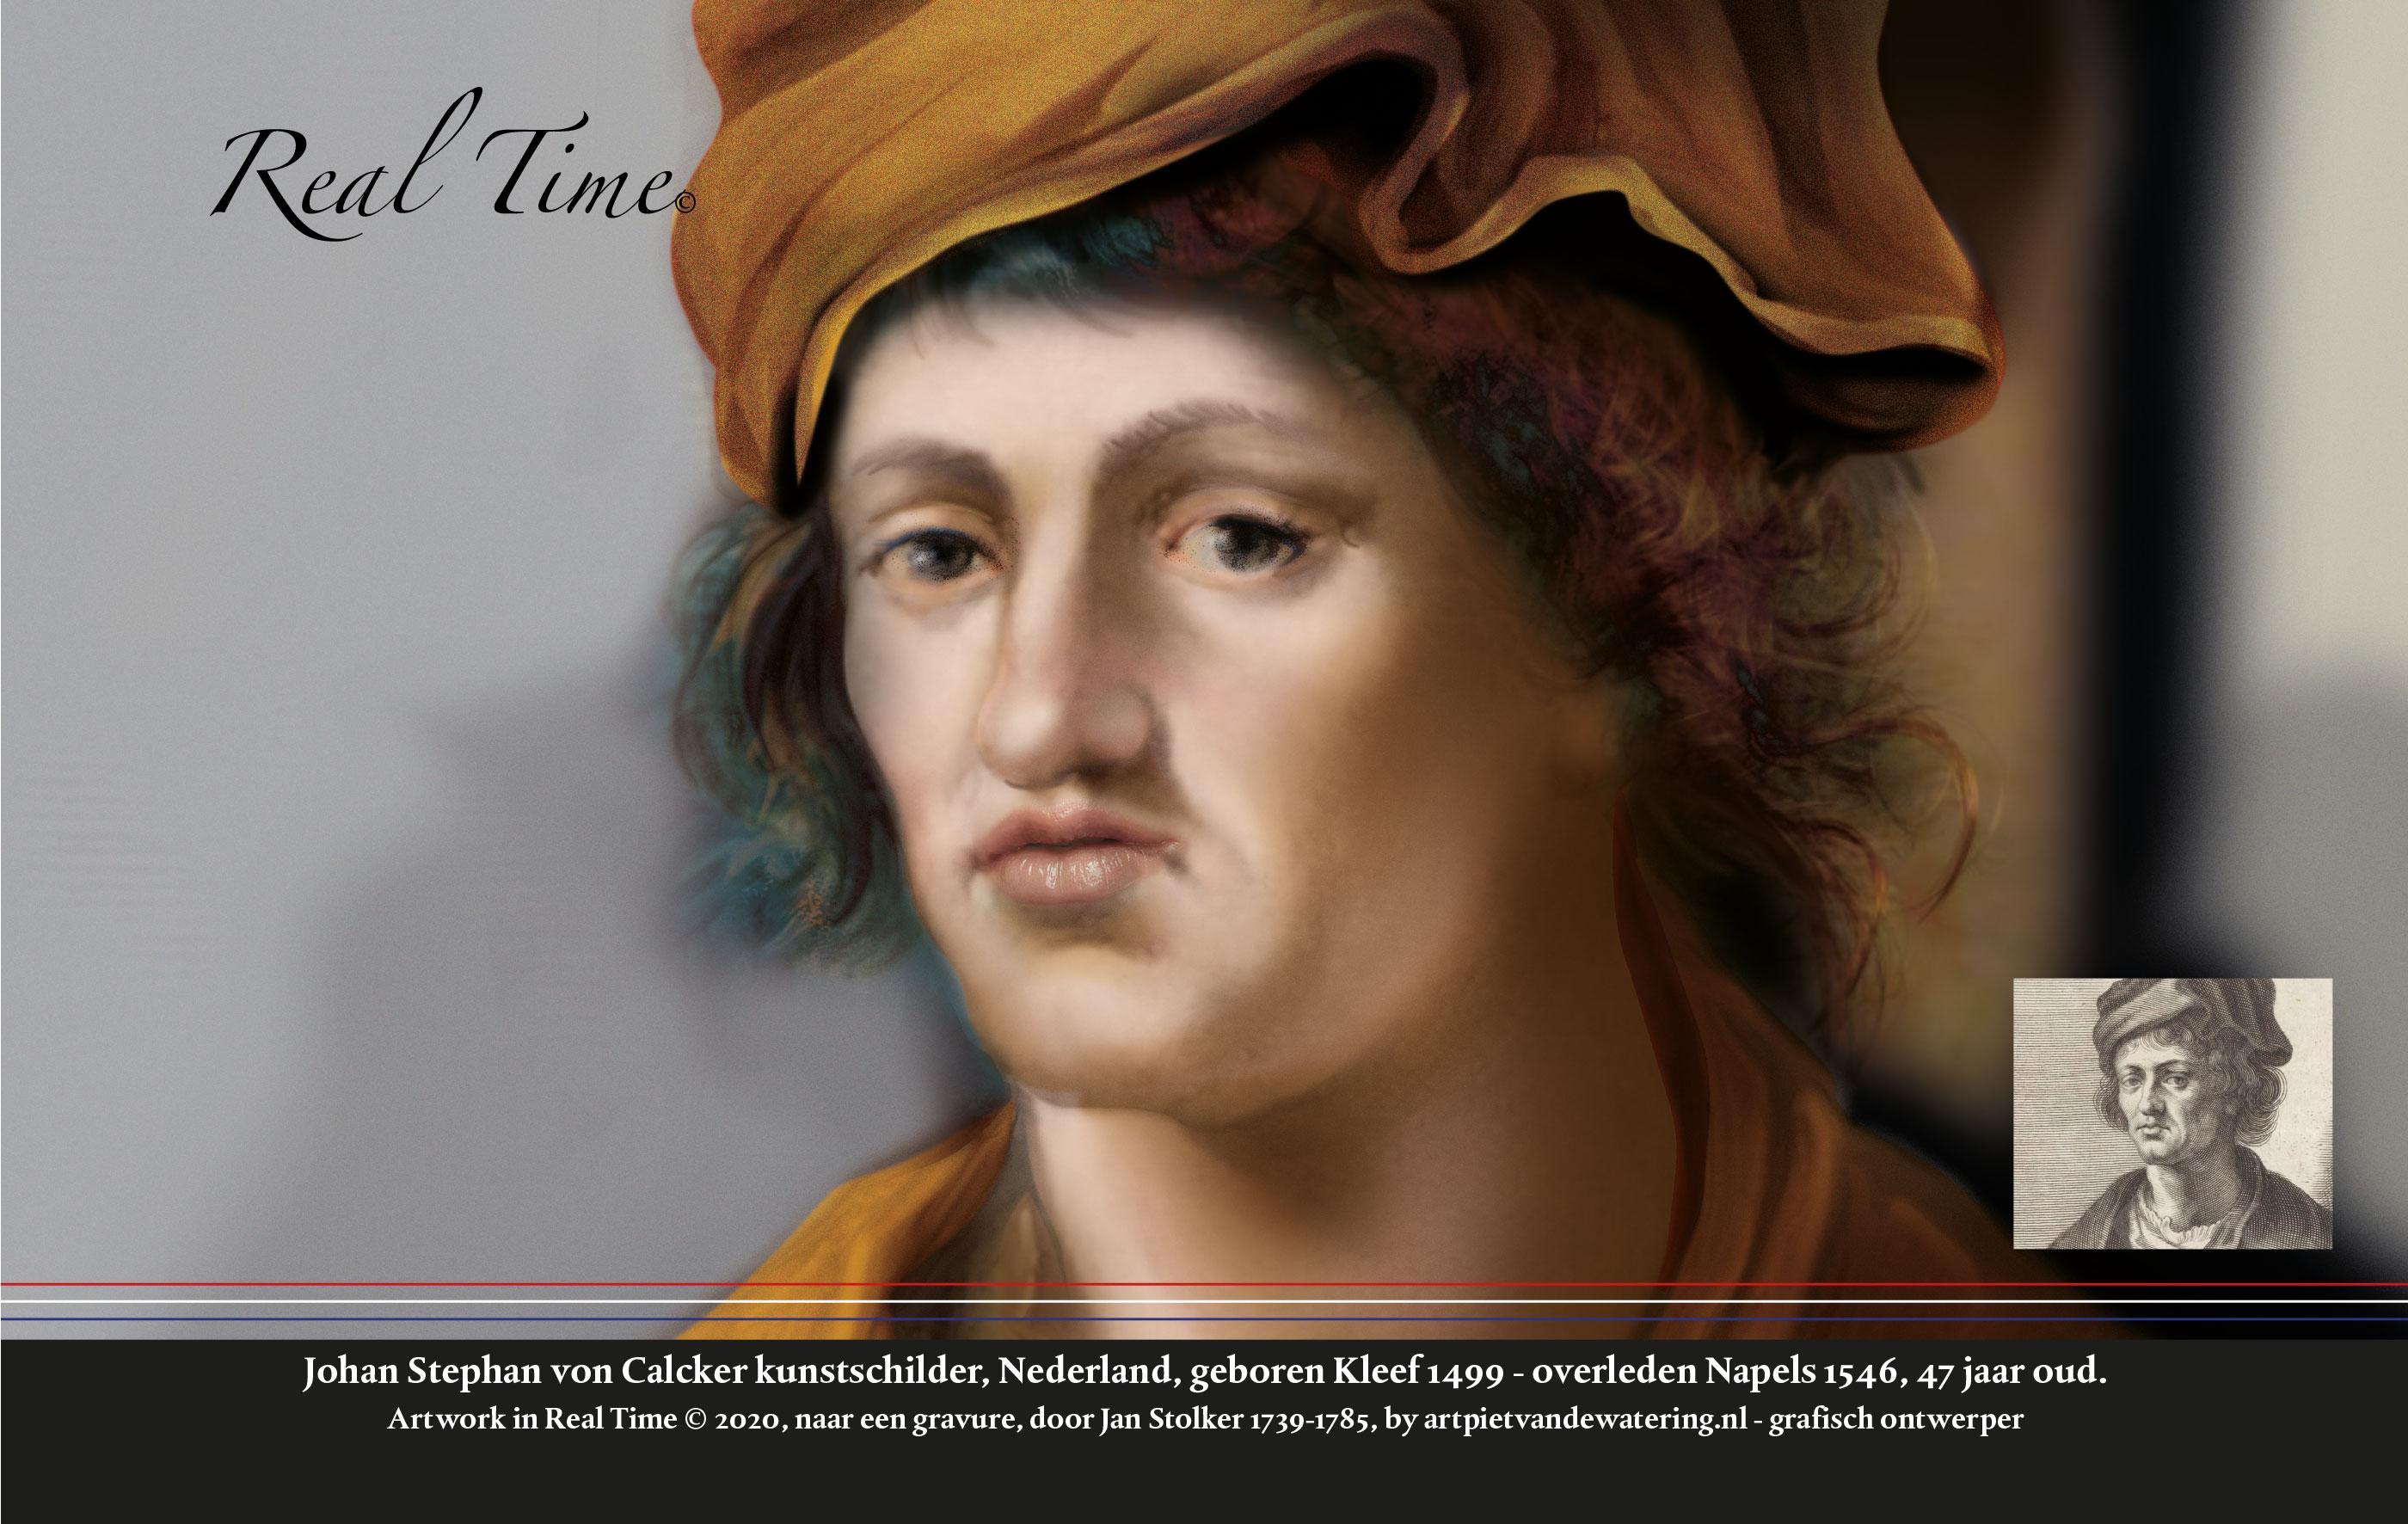 Johan-S-von-Calcker-1499-1546